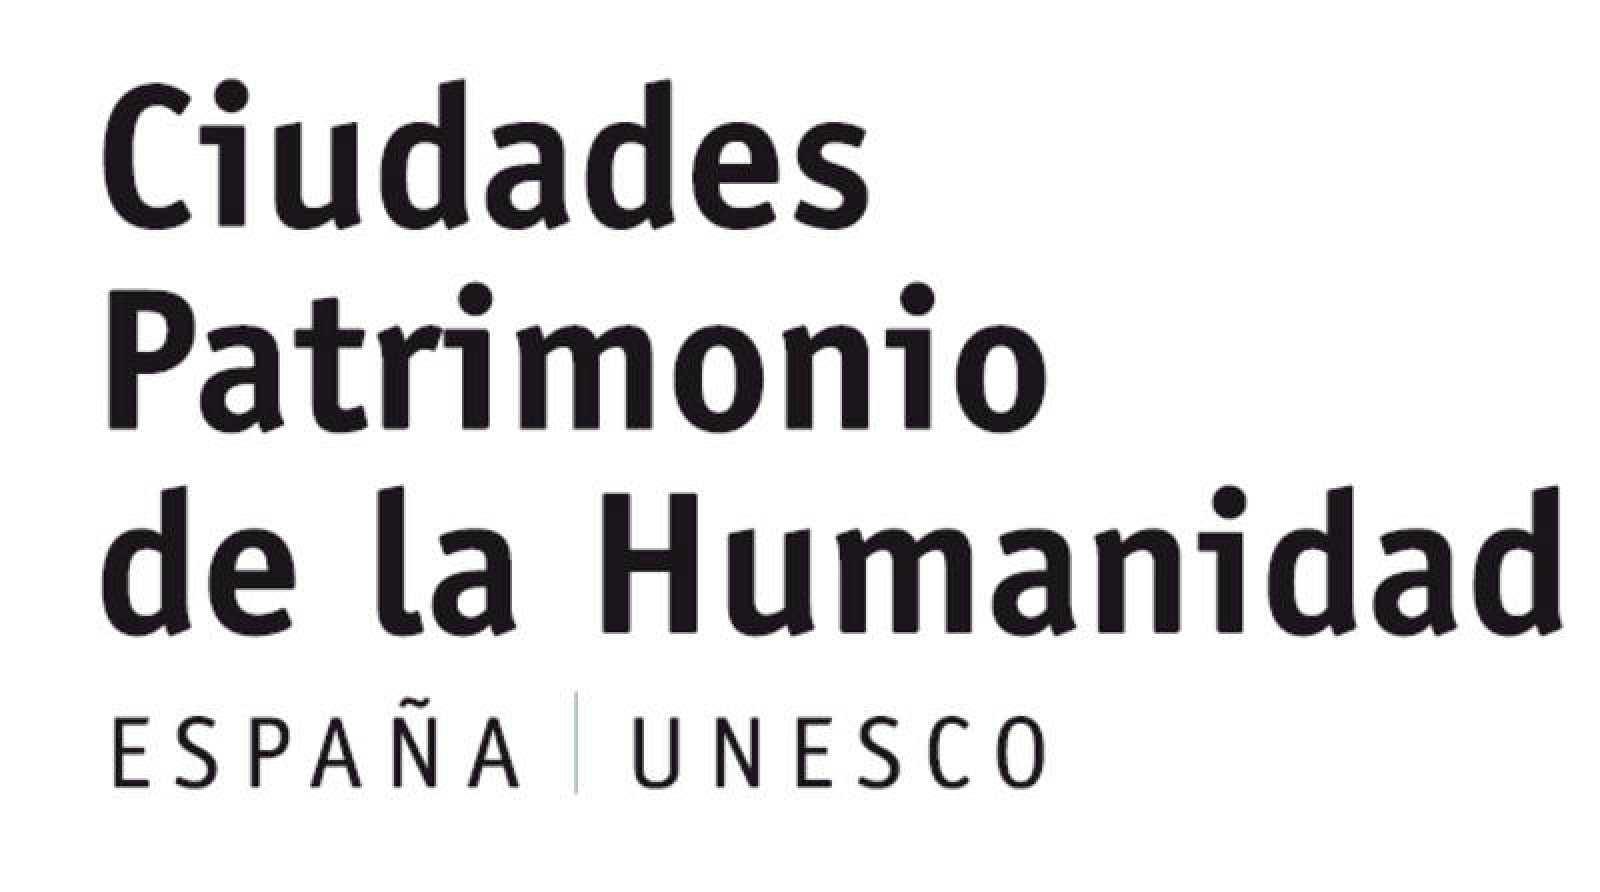 Grupo de Ciudades Patrimonio de la Humanidad de España